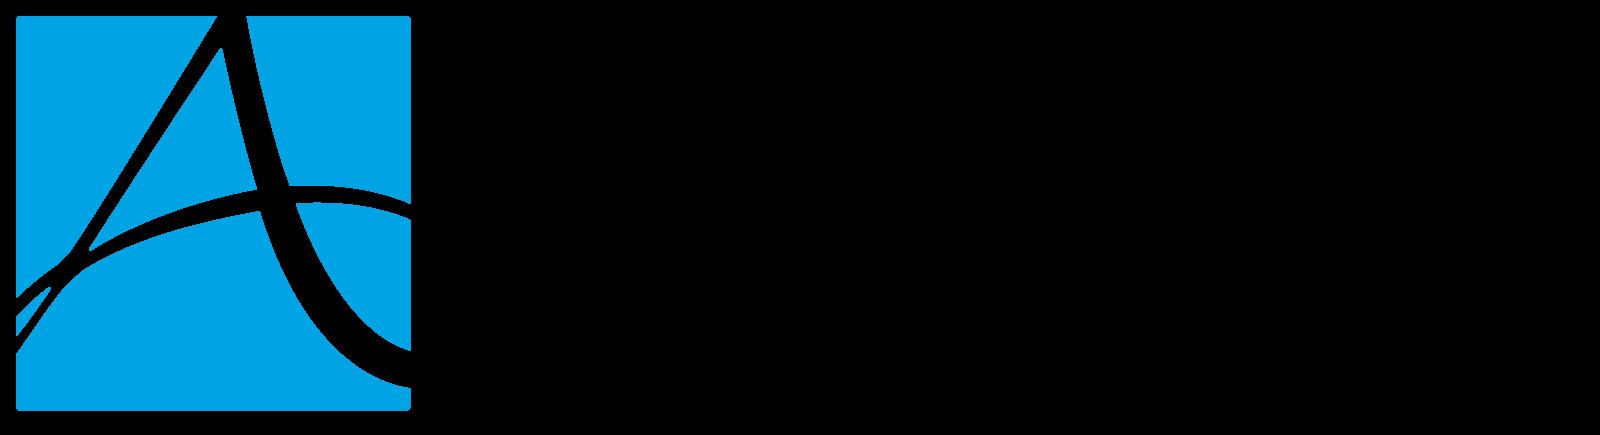 Avamere Riverpark of Eugene logo